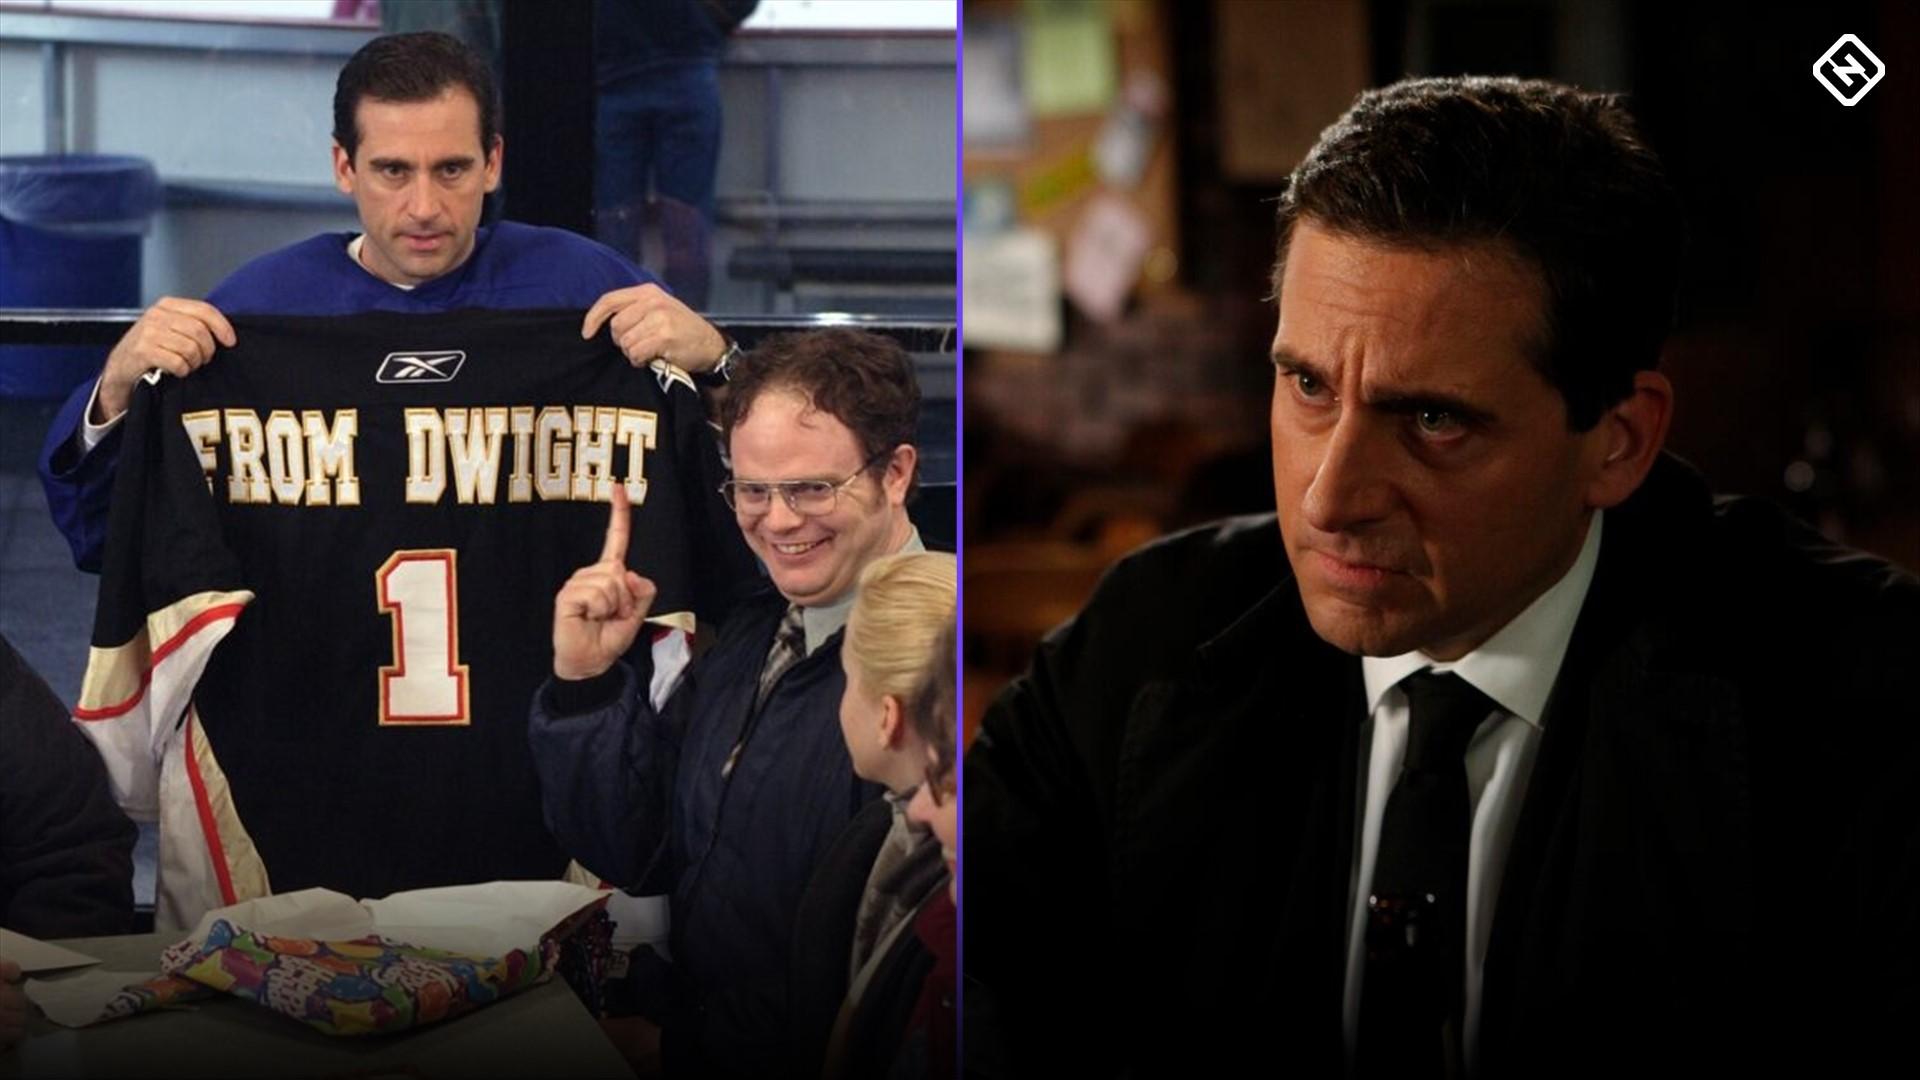 Cuatro mejores momentos de hockey de 'The Office' 7